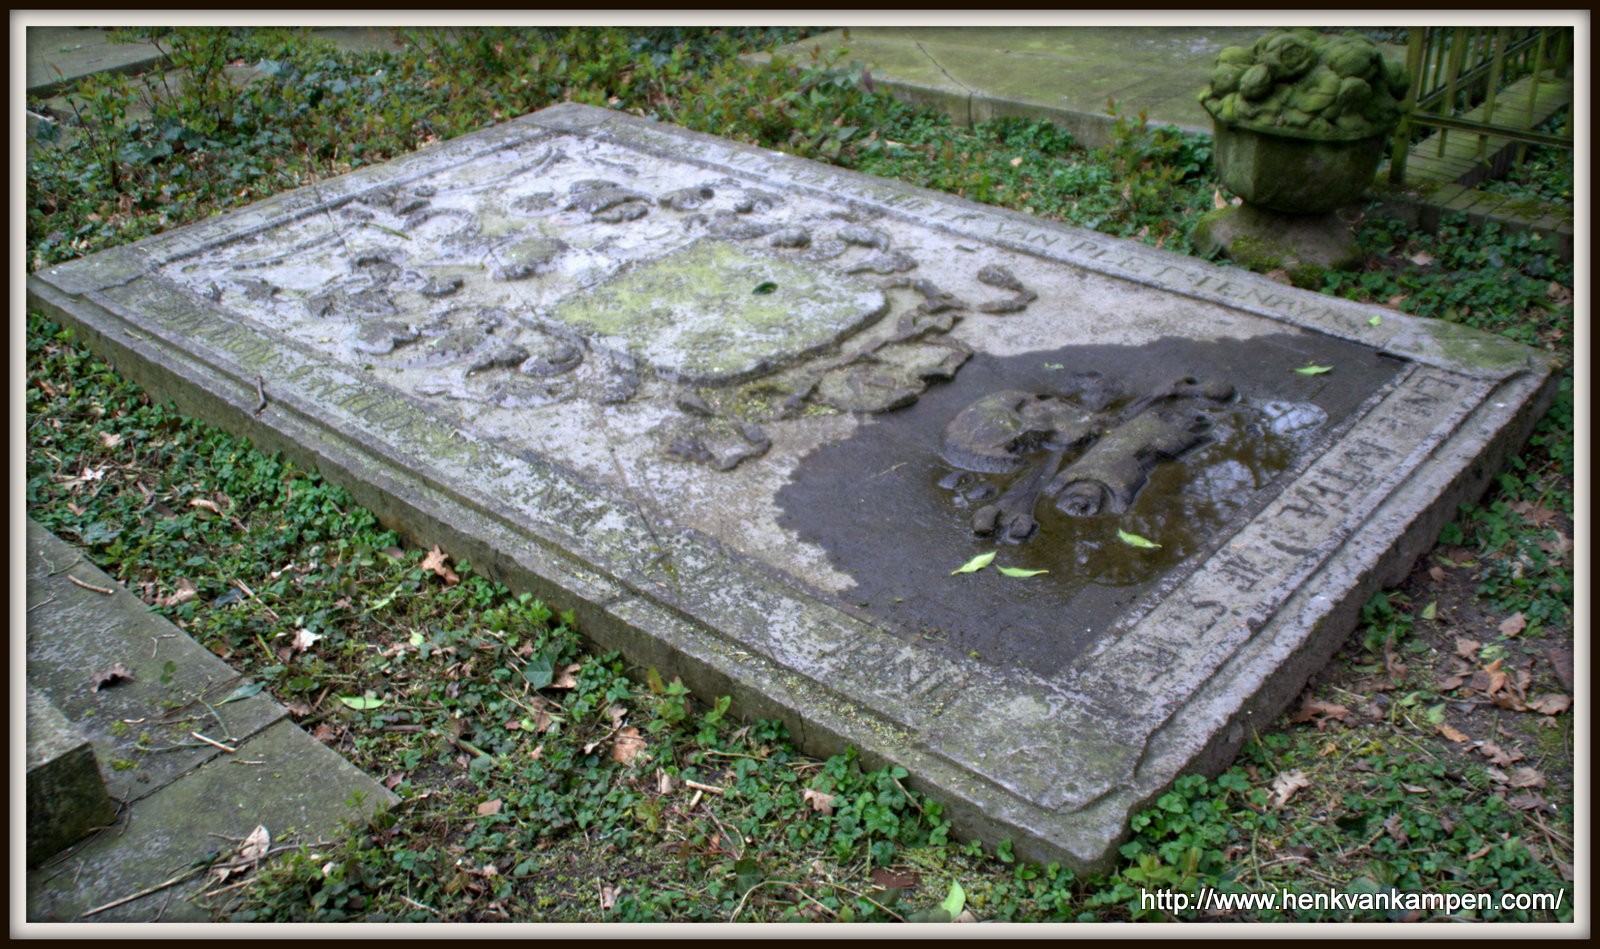 Tombstone of Nicolas Malapert Heer van Plettenburg